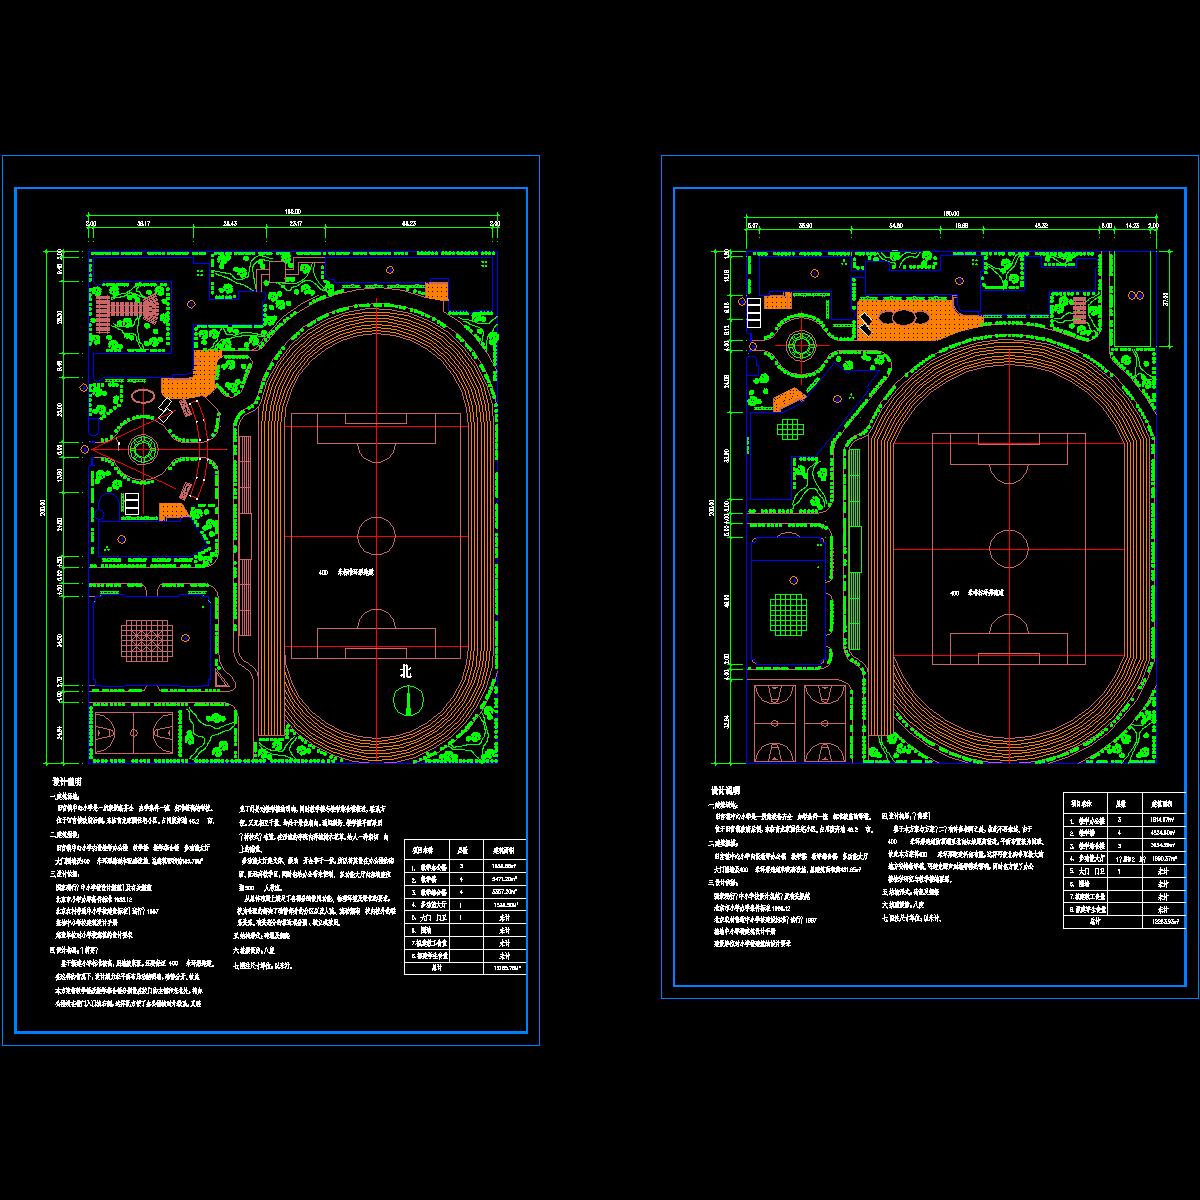 北京市大兴区旧宫镇心小学规划设计2个方案 含设计说明和指标.dwg